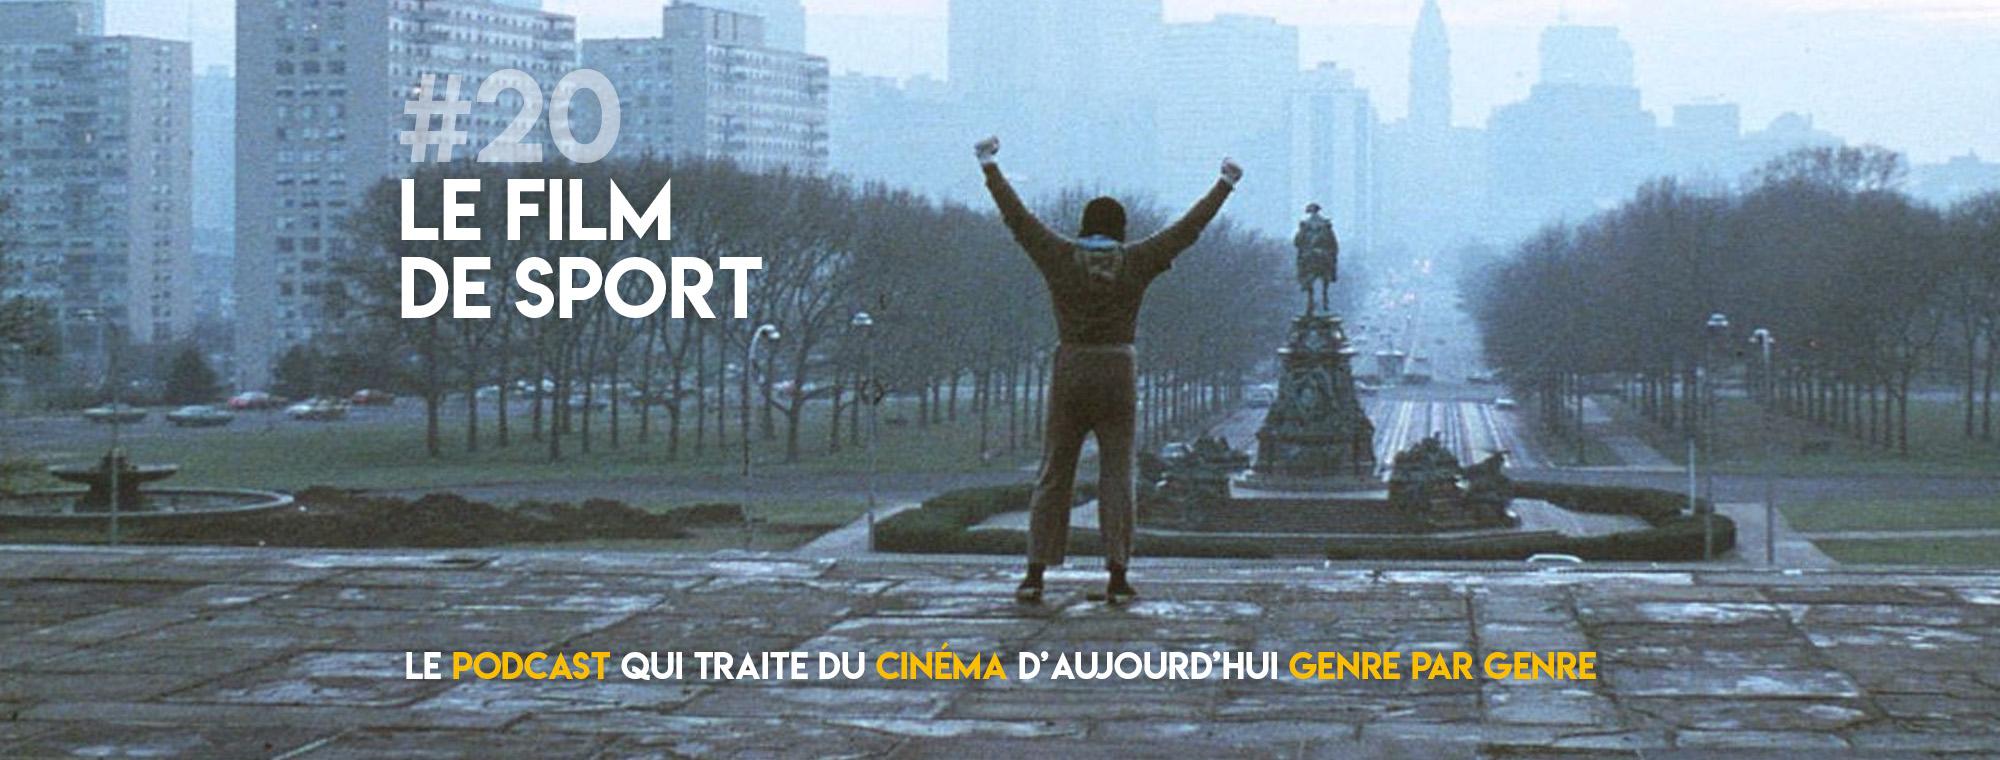 Parlons Péloches - #20 Le film de sport